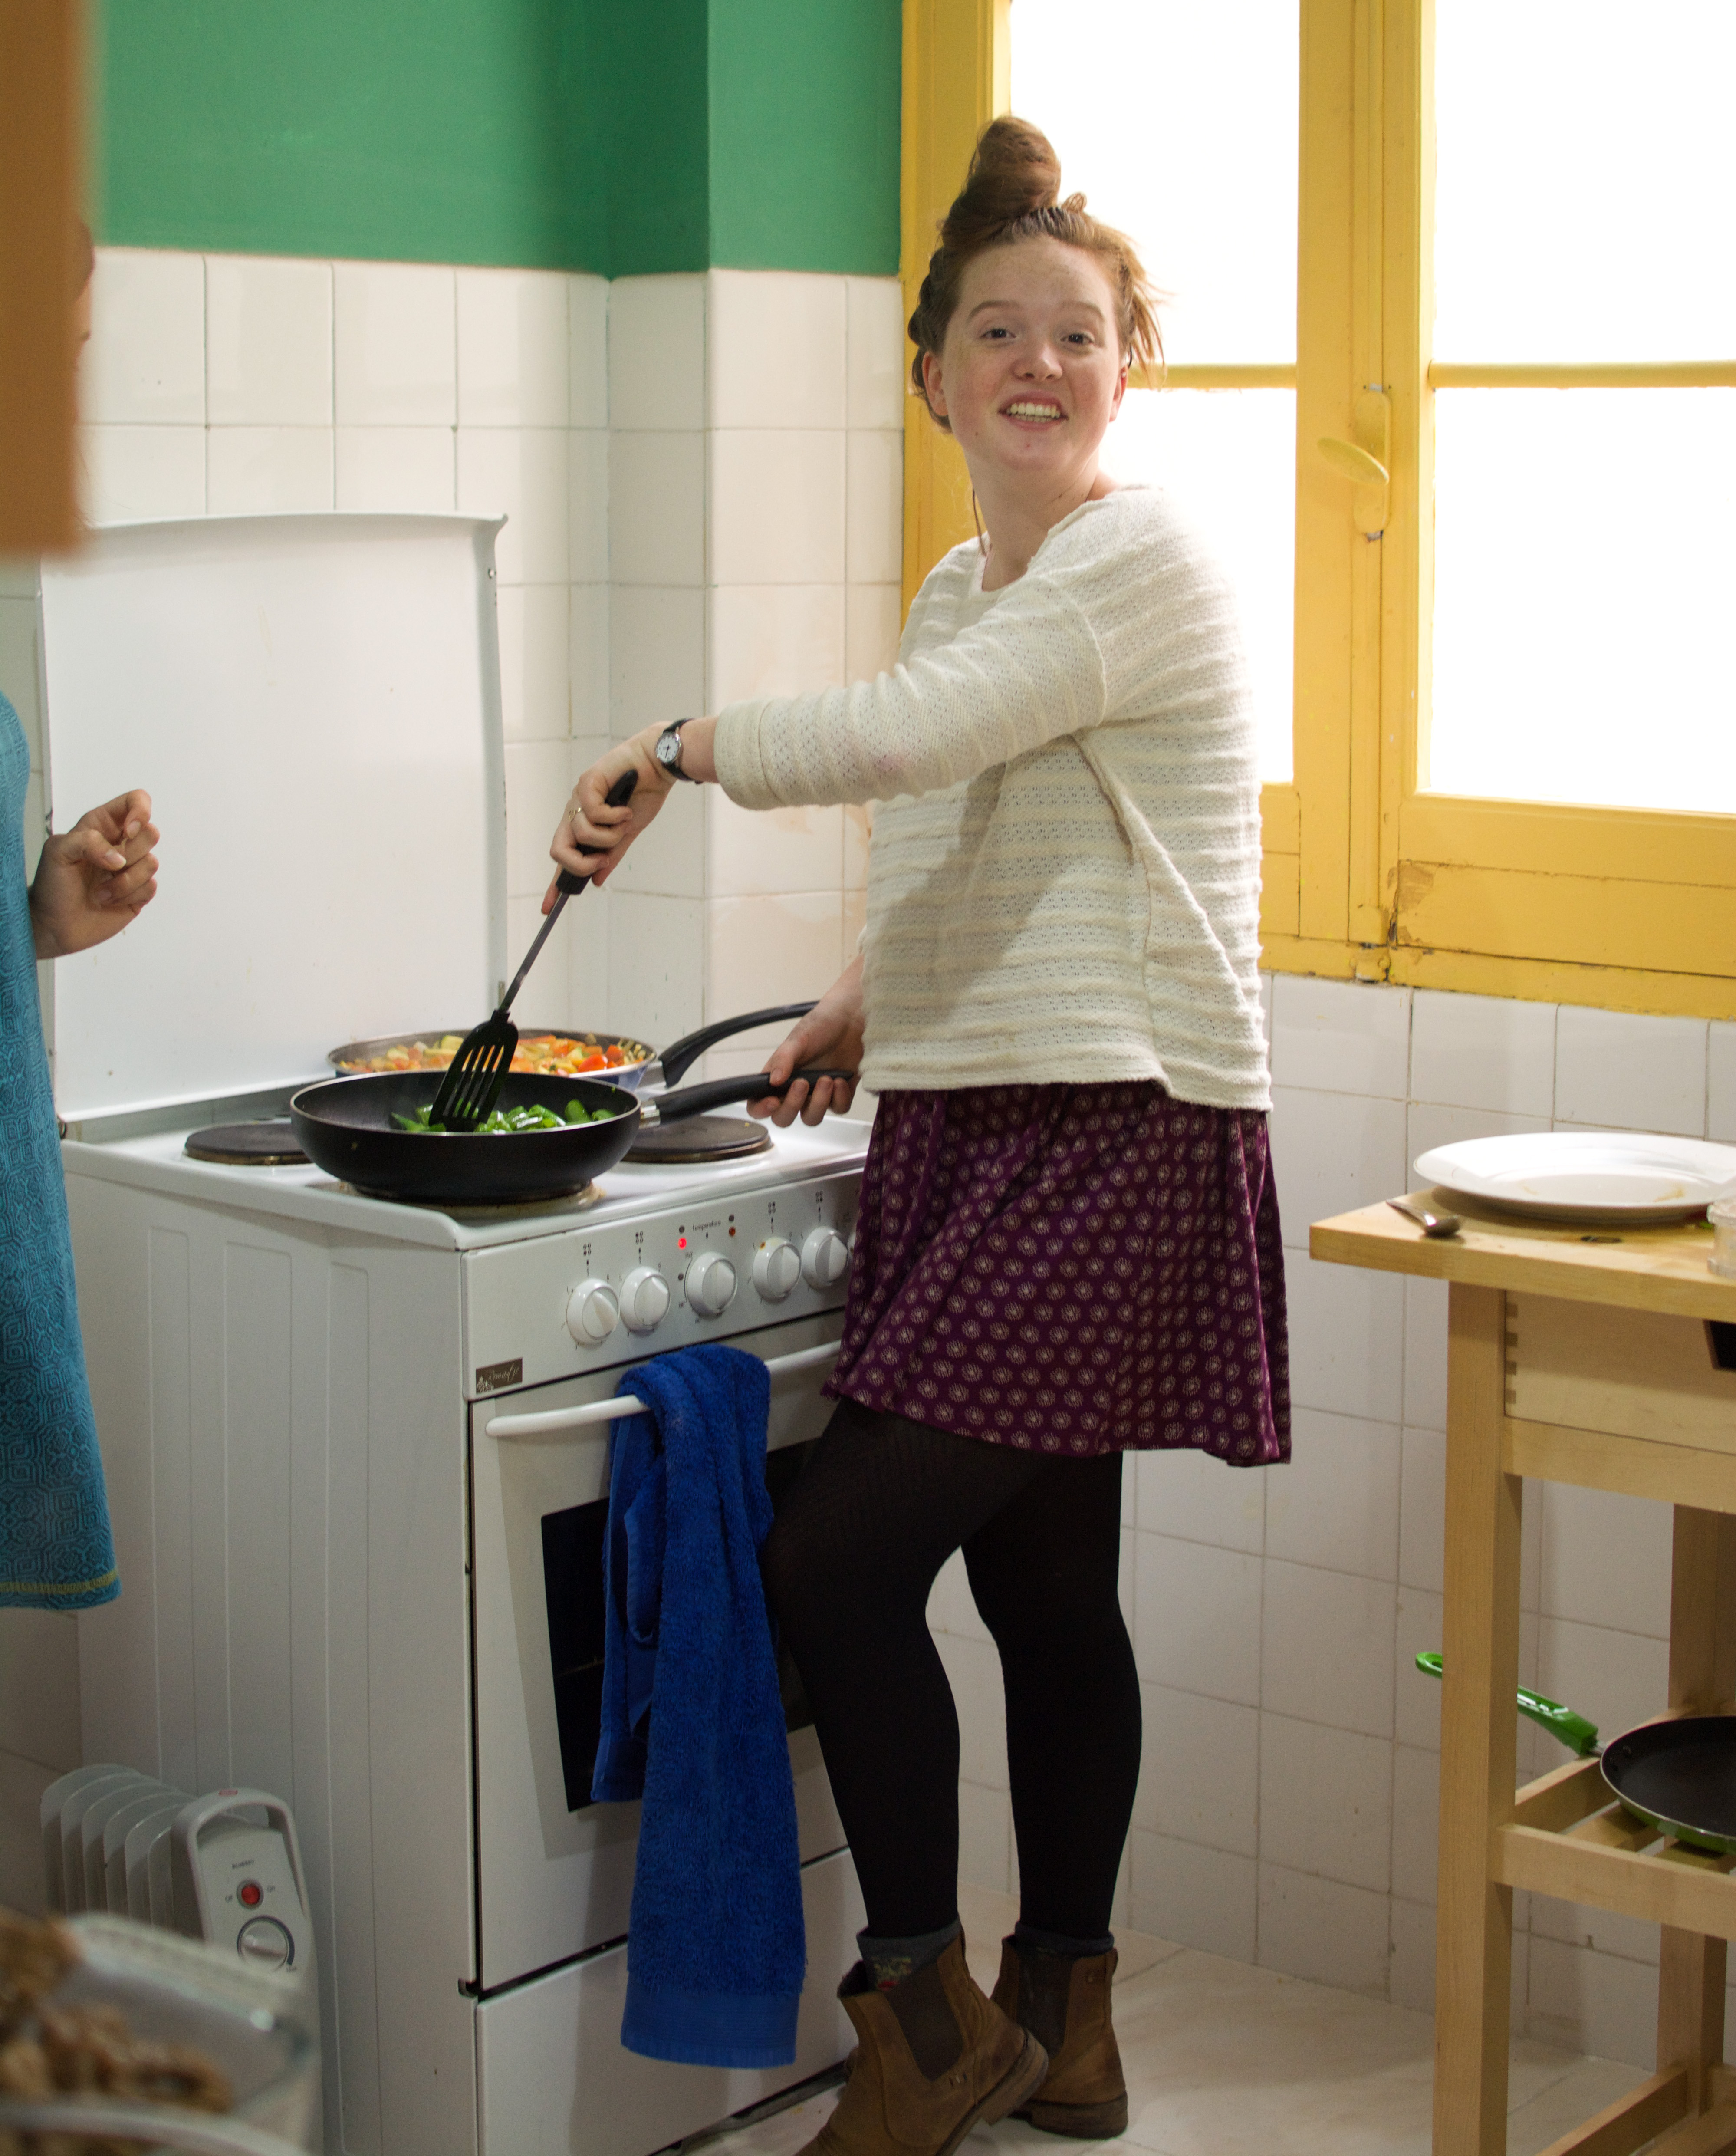 Proctor en Segovia cooking activity